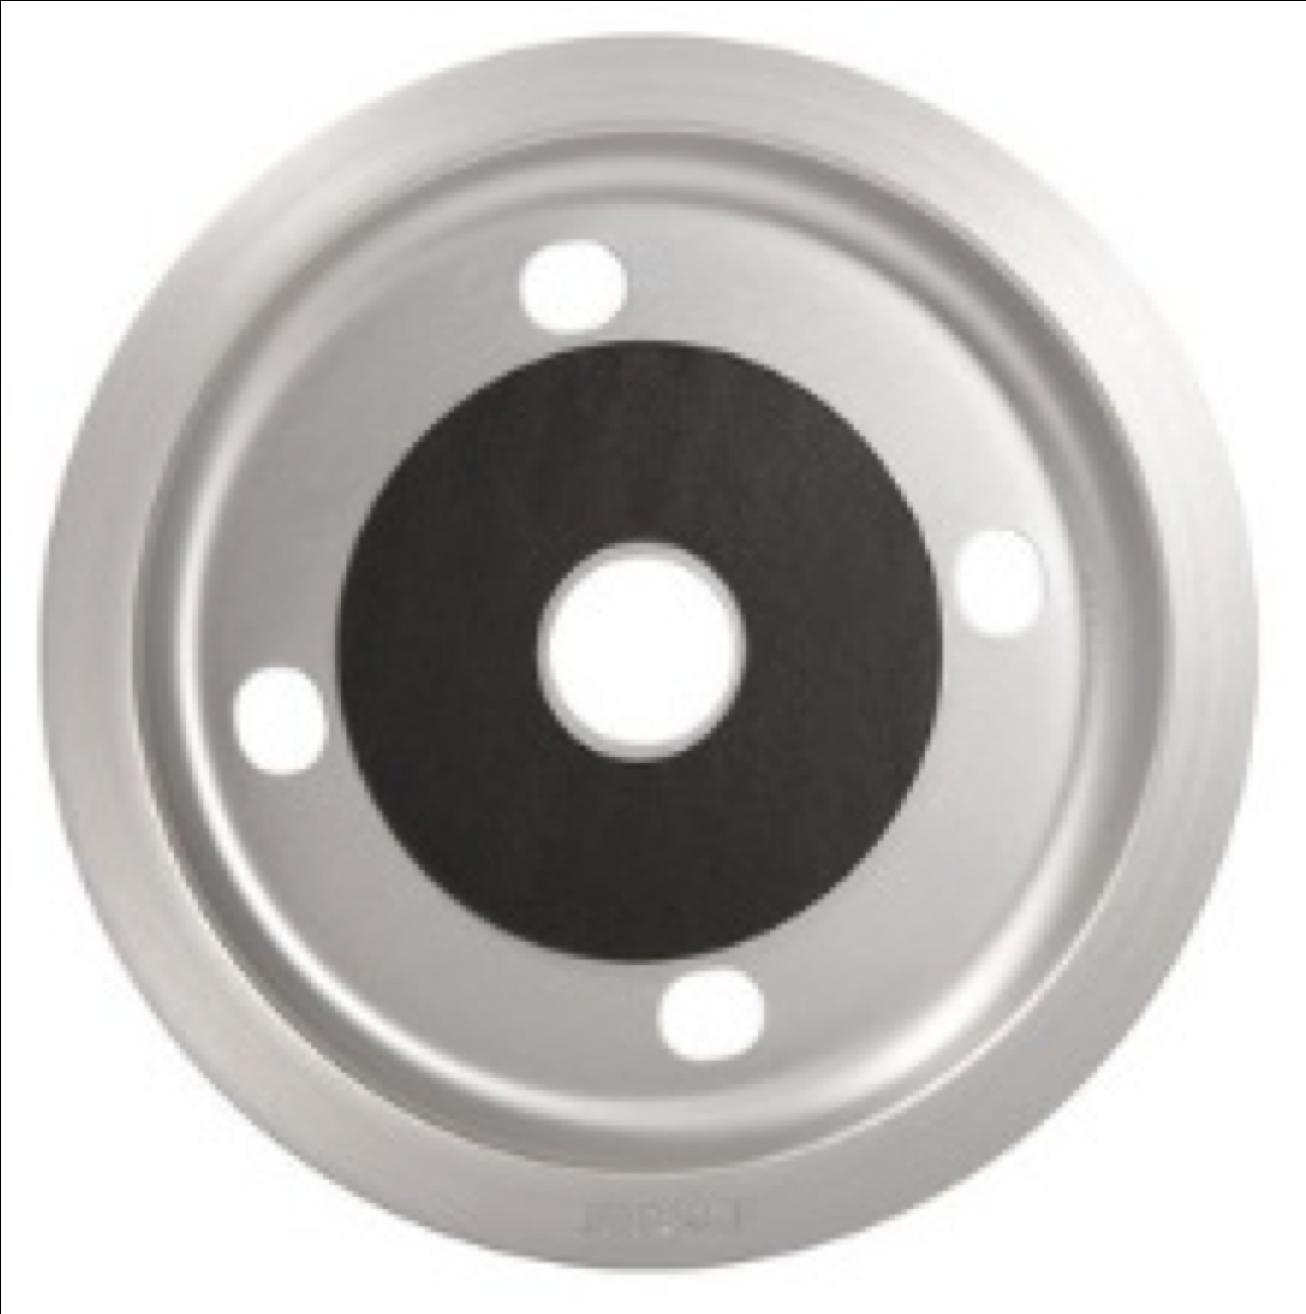 Montaje de mesa (Flush Mount) para fijar el micrófono MXA310.